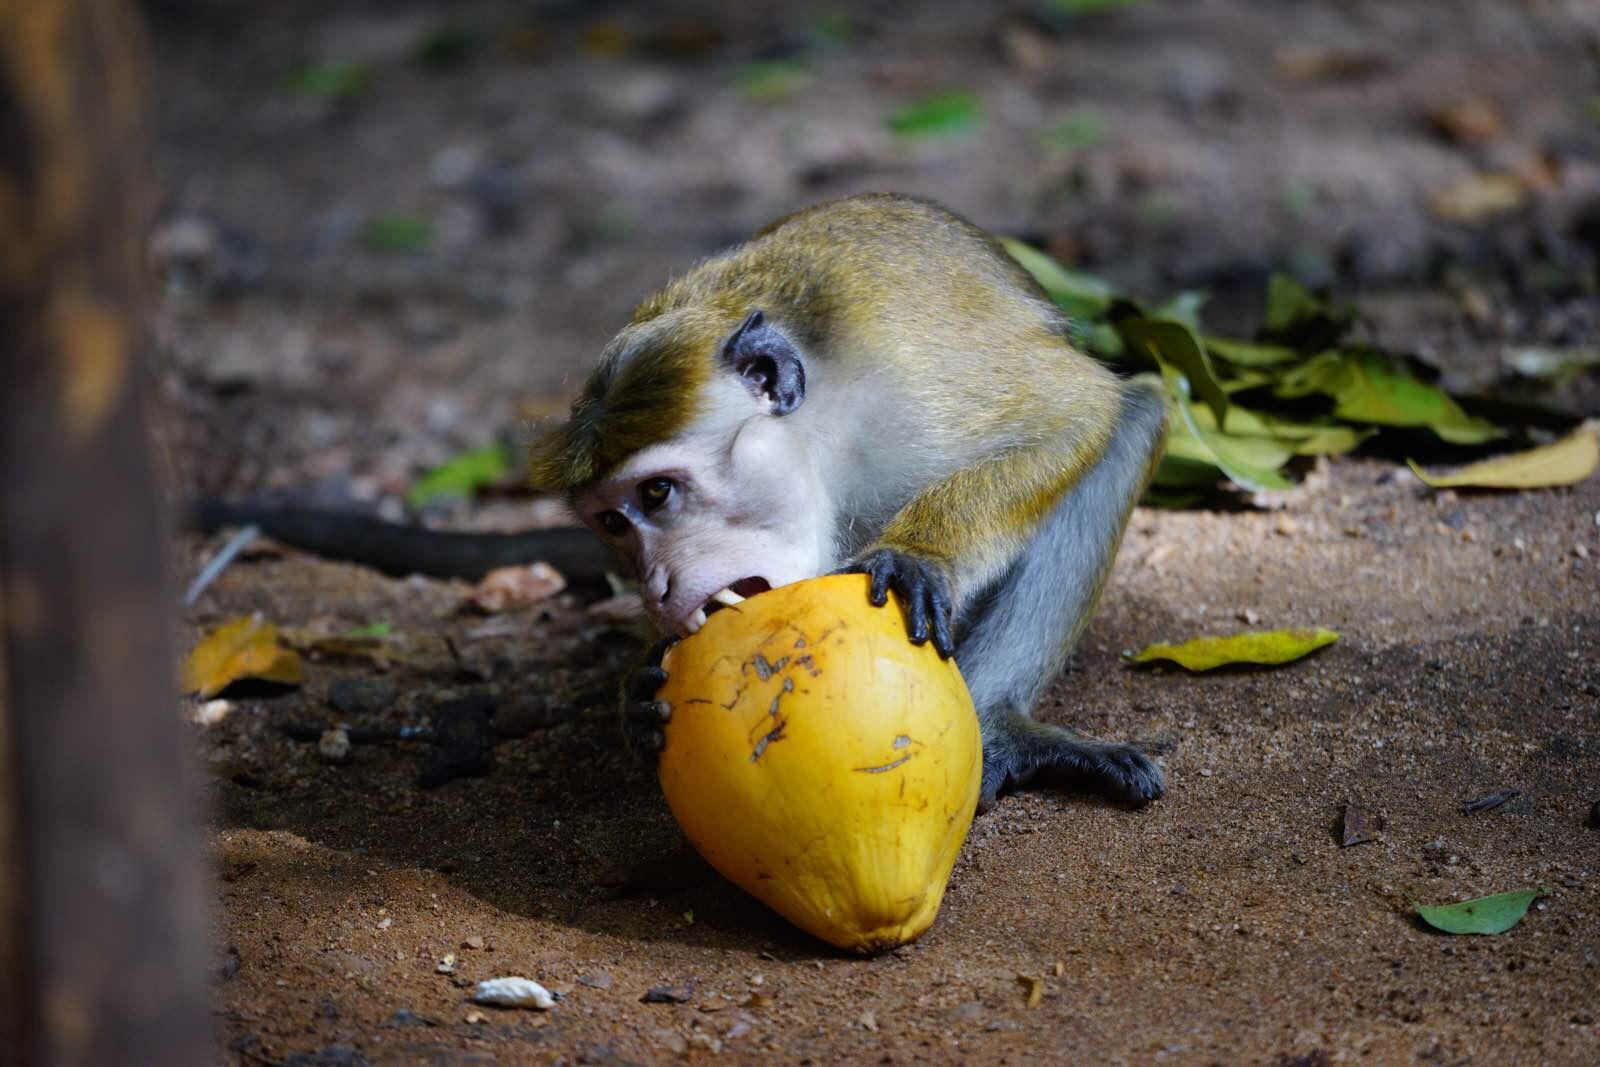 正啃着,旁边的树林里走出来一群小猴子,丢玉米粒给它们吃,几个大胆的